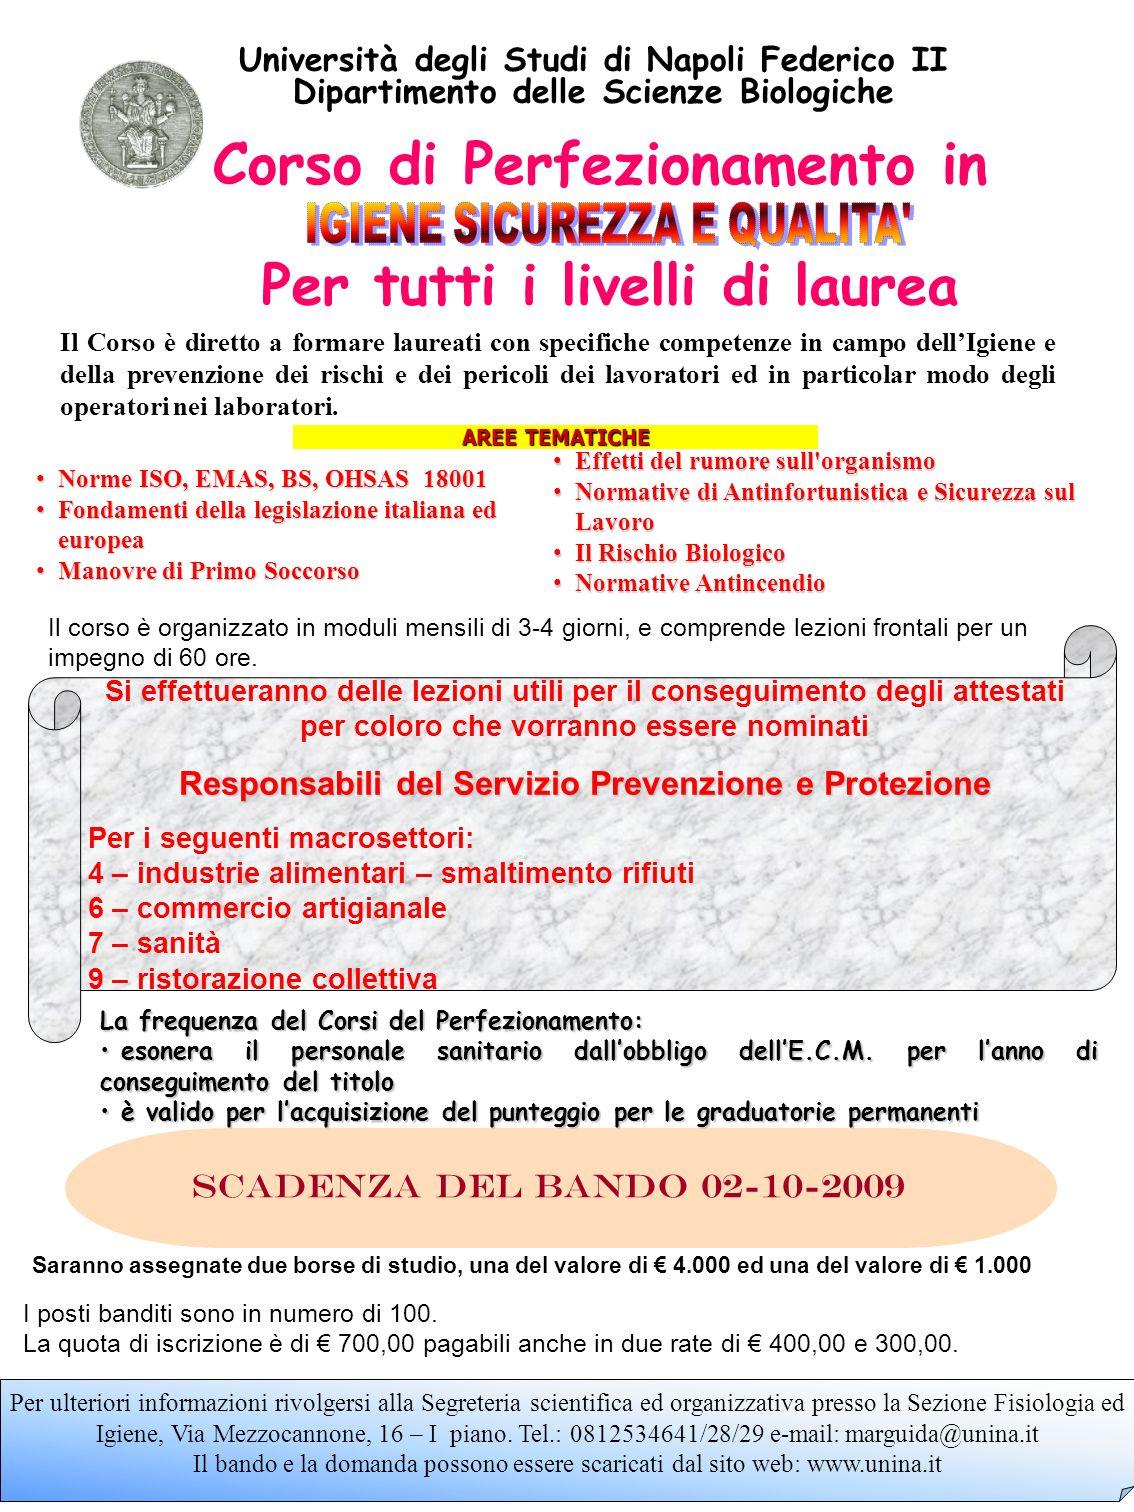 Scadenza del bando 02-10-2009 Il Corso è diretto a formare laureati con specifiche competenze in campo dellIgiene e della prevenzione dei rischi e dei pericoli dei lavoratori ed in particolar modo degli operatori nei laboratori.